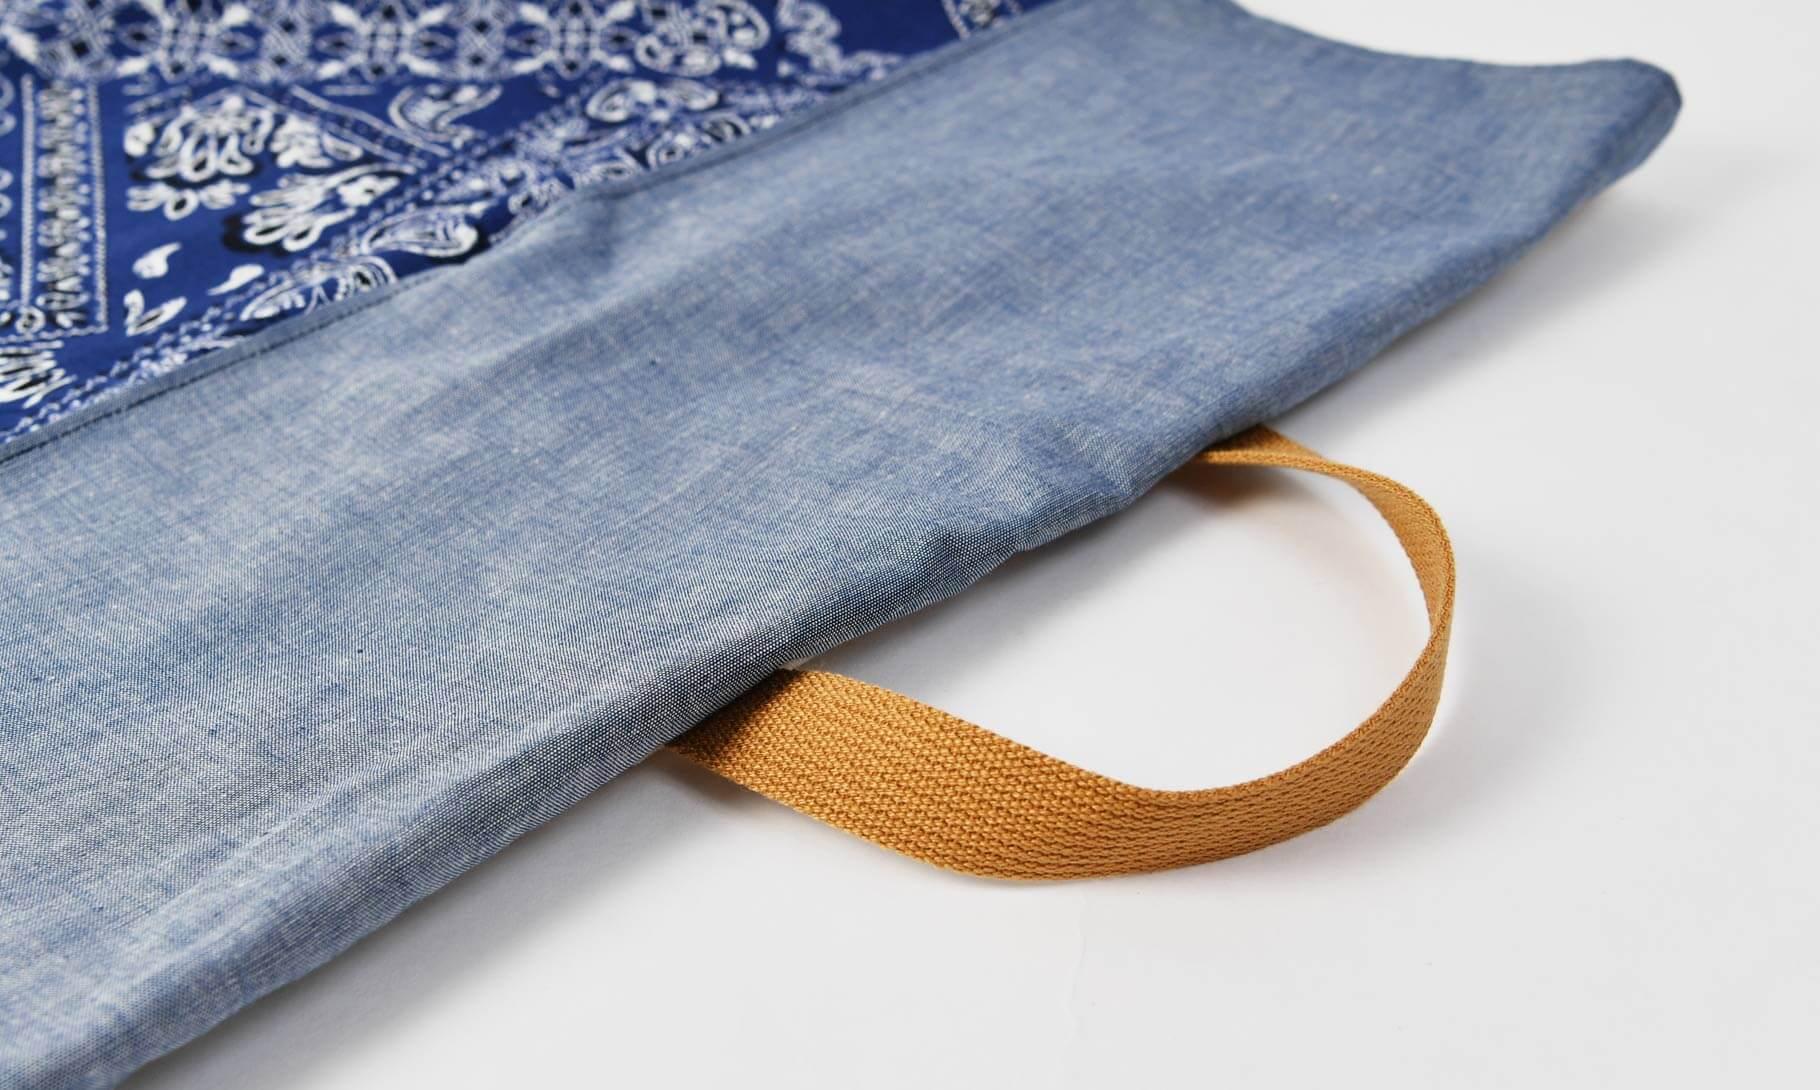 防災頭巾カバー(バンダナブルー、タンガリー)持ち手のオプション